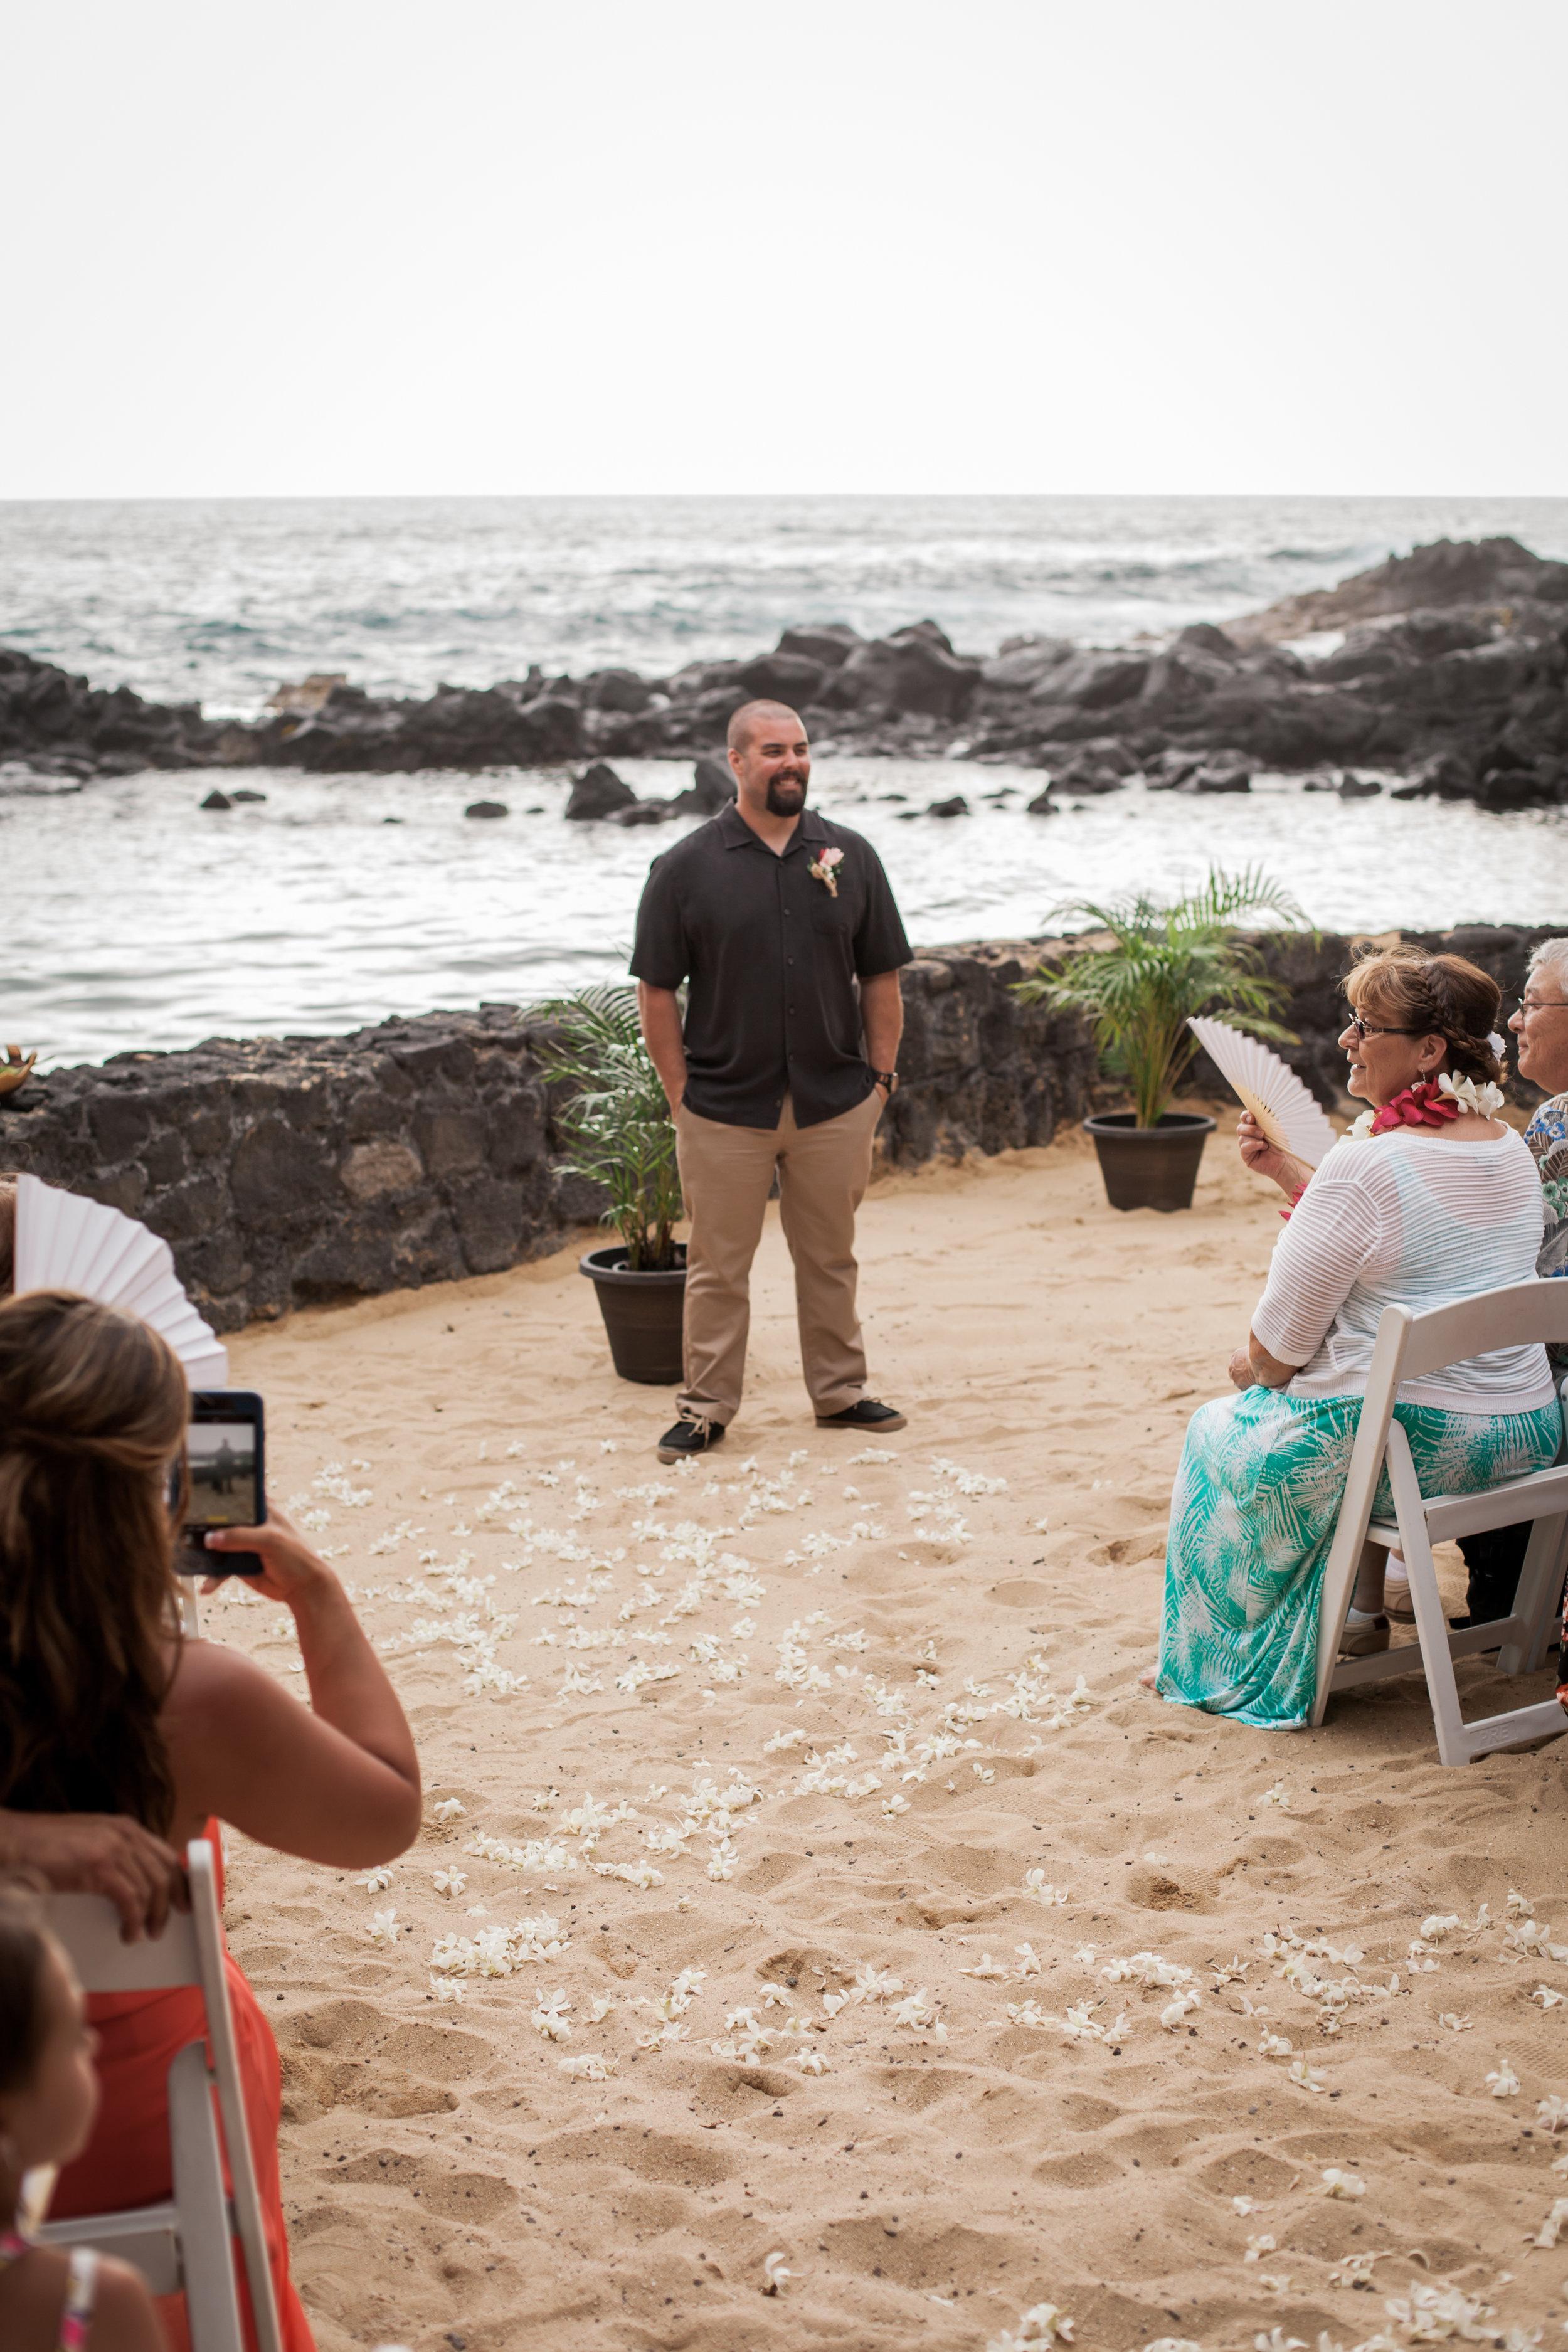 big island hawaii royal kona resort beach wedding © kelilina photography 20170520164708.jpg